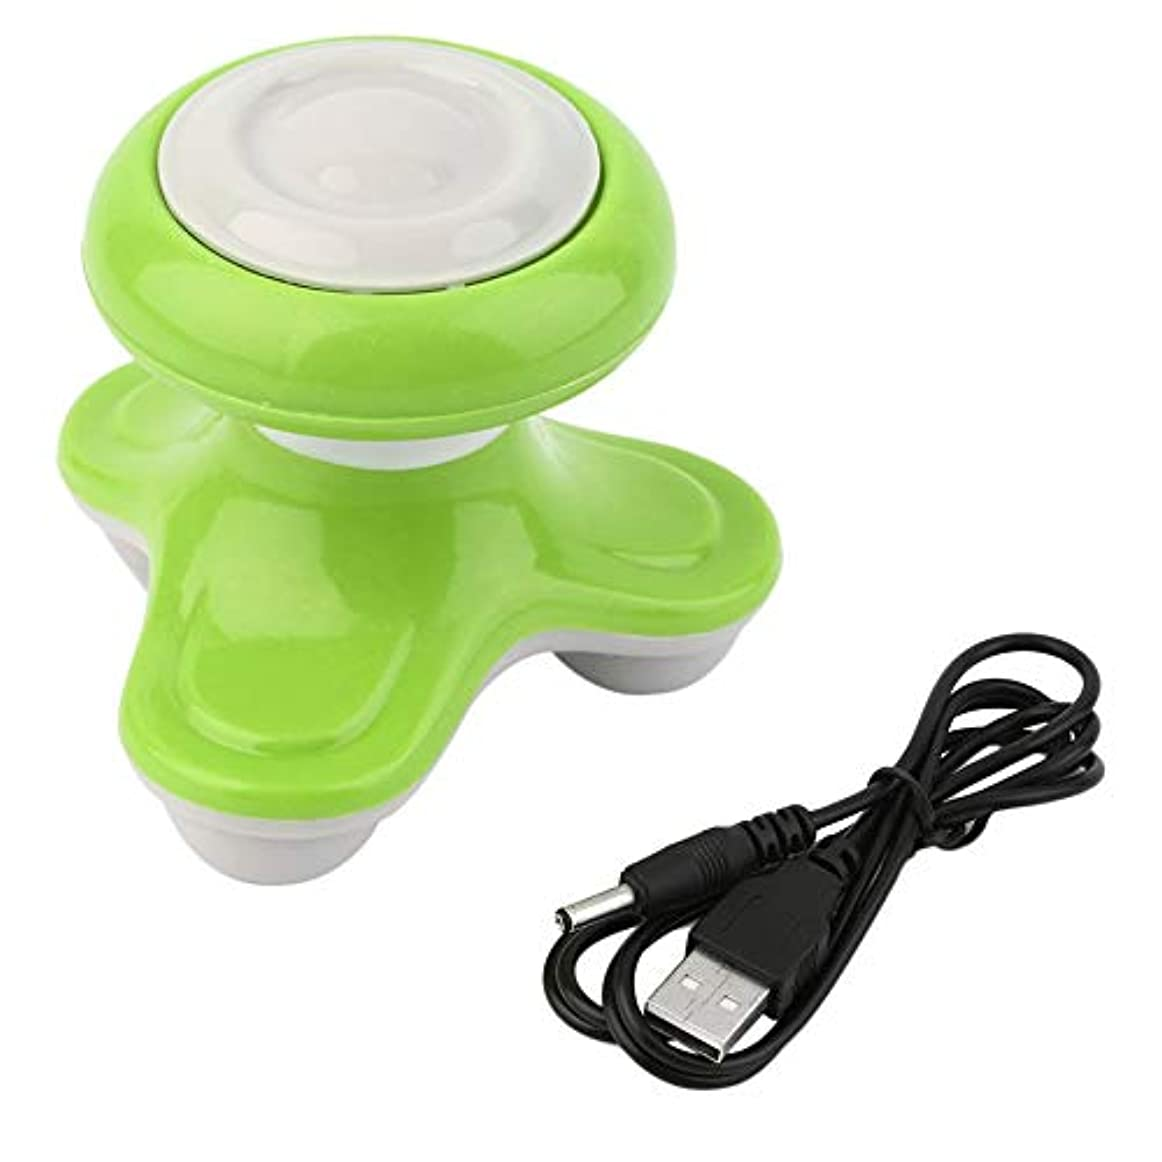 不器用製造業可塑性ミニ電動ハンドル波振動マッサージ器USBバッテリーフルボディマッサージ持ち運びに便利な超小型軽量-グリーン